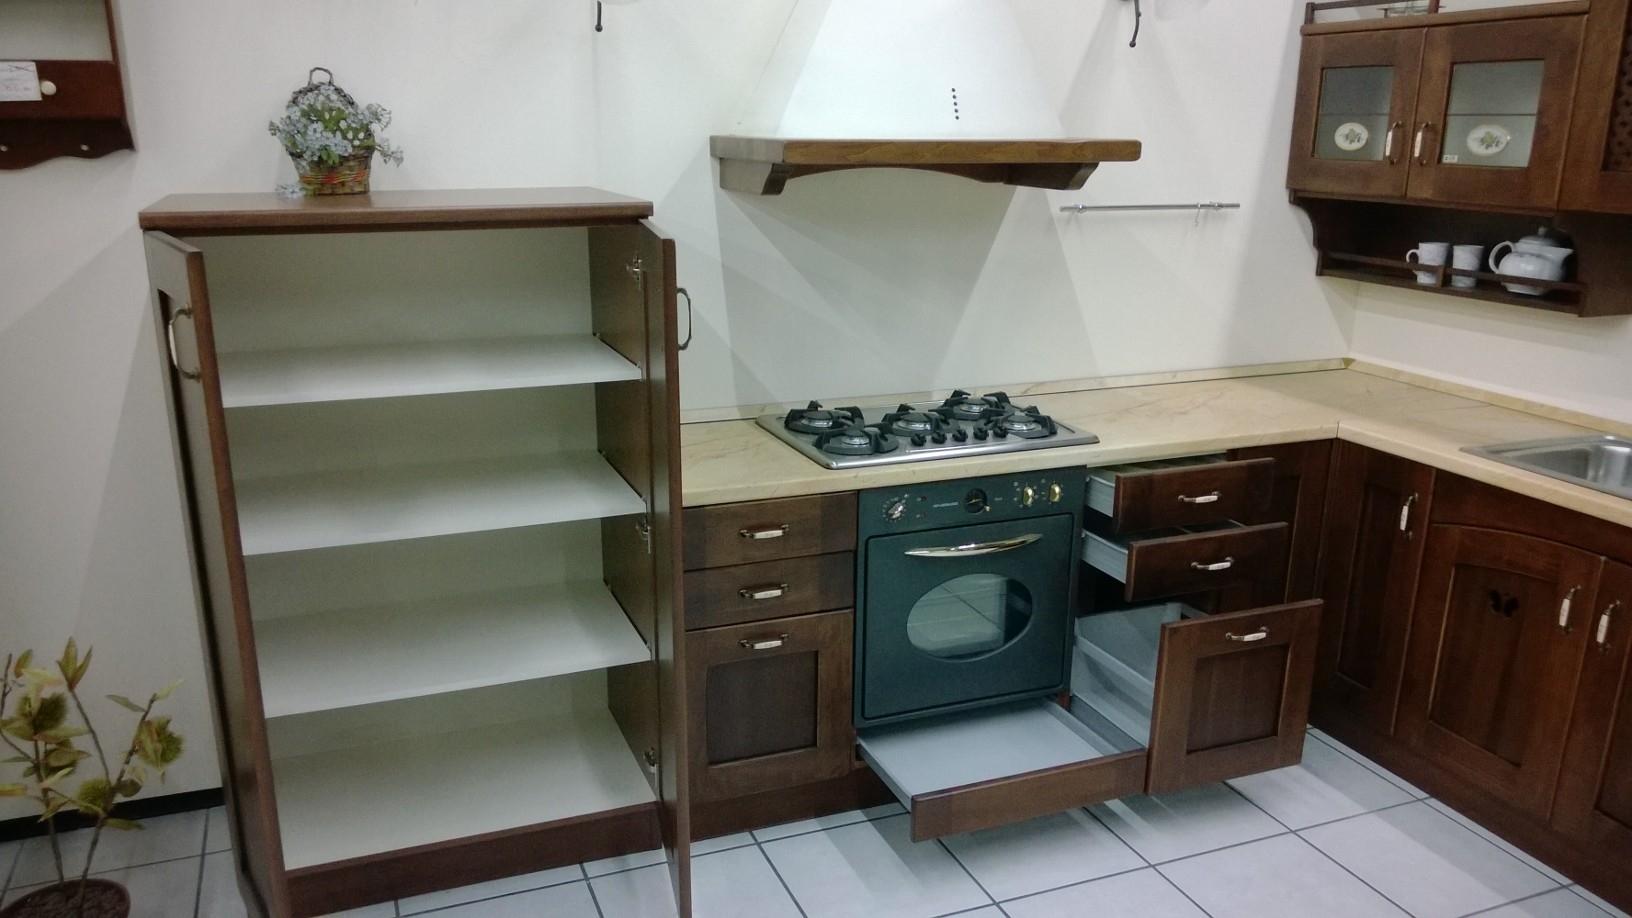 Isola Cucina Fai Da Te.Dispensa Cucina Fai Da Te Perfect Moduli Per Cucina Componibile